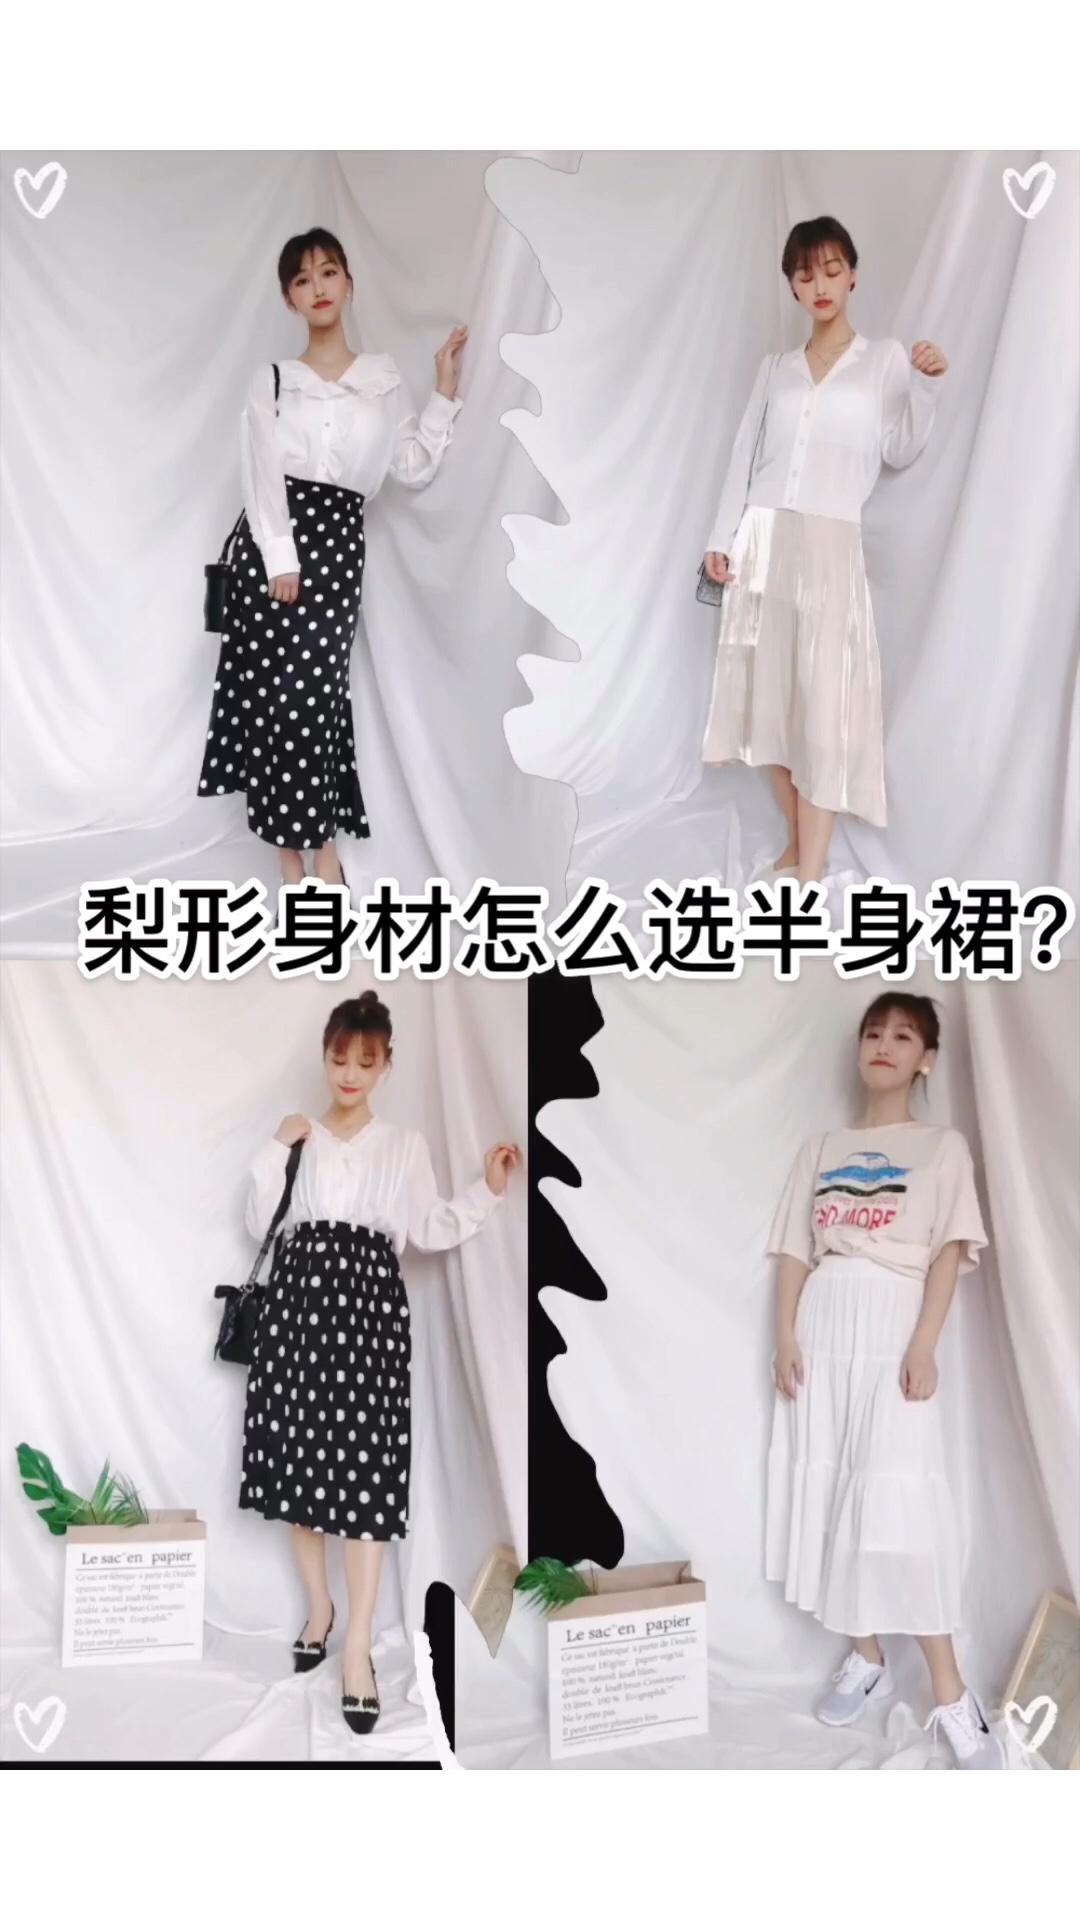 #盘点对梨形身材友好的裙子# 162cm/45kg  盘点了下对梨形身材友好的裙子 妹子们快学起来